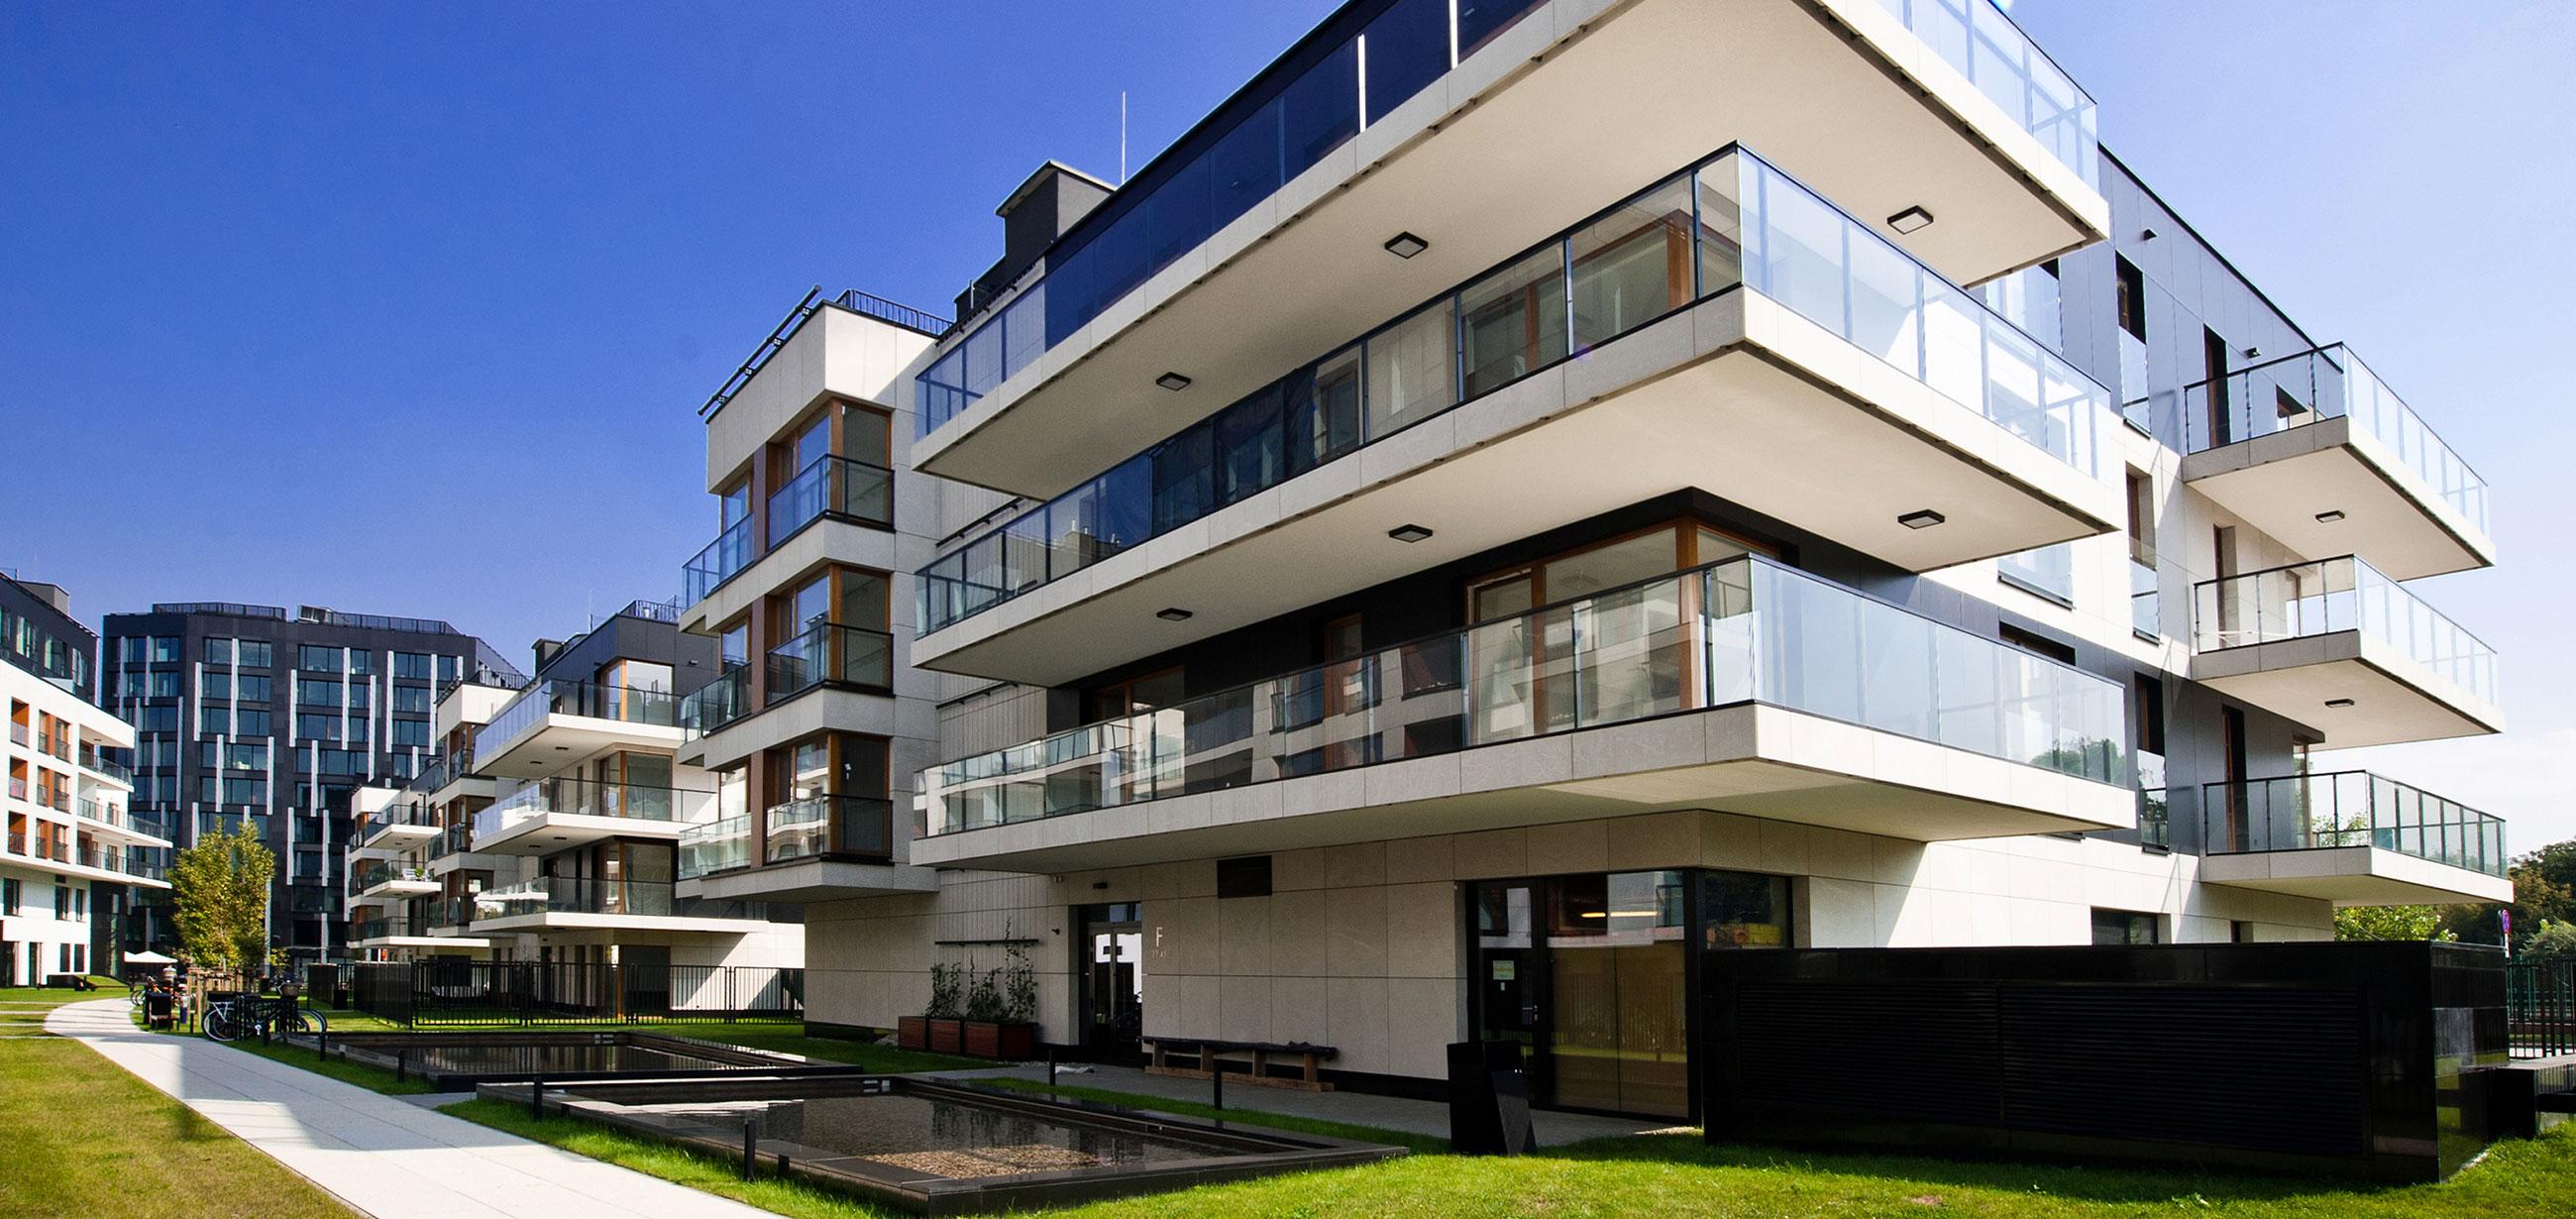 LAB-ARCHITEKCI—Architektura-3